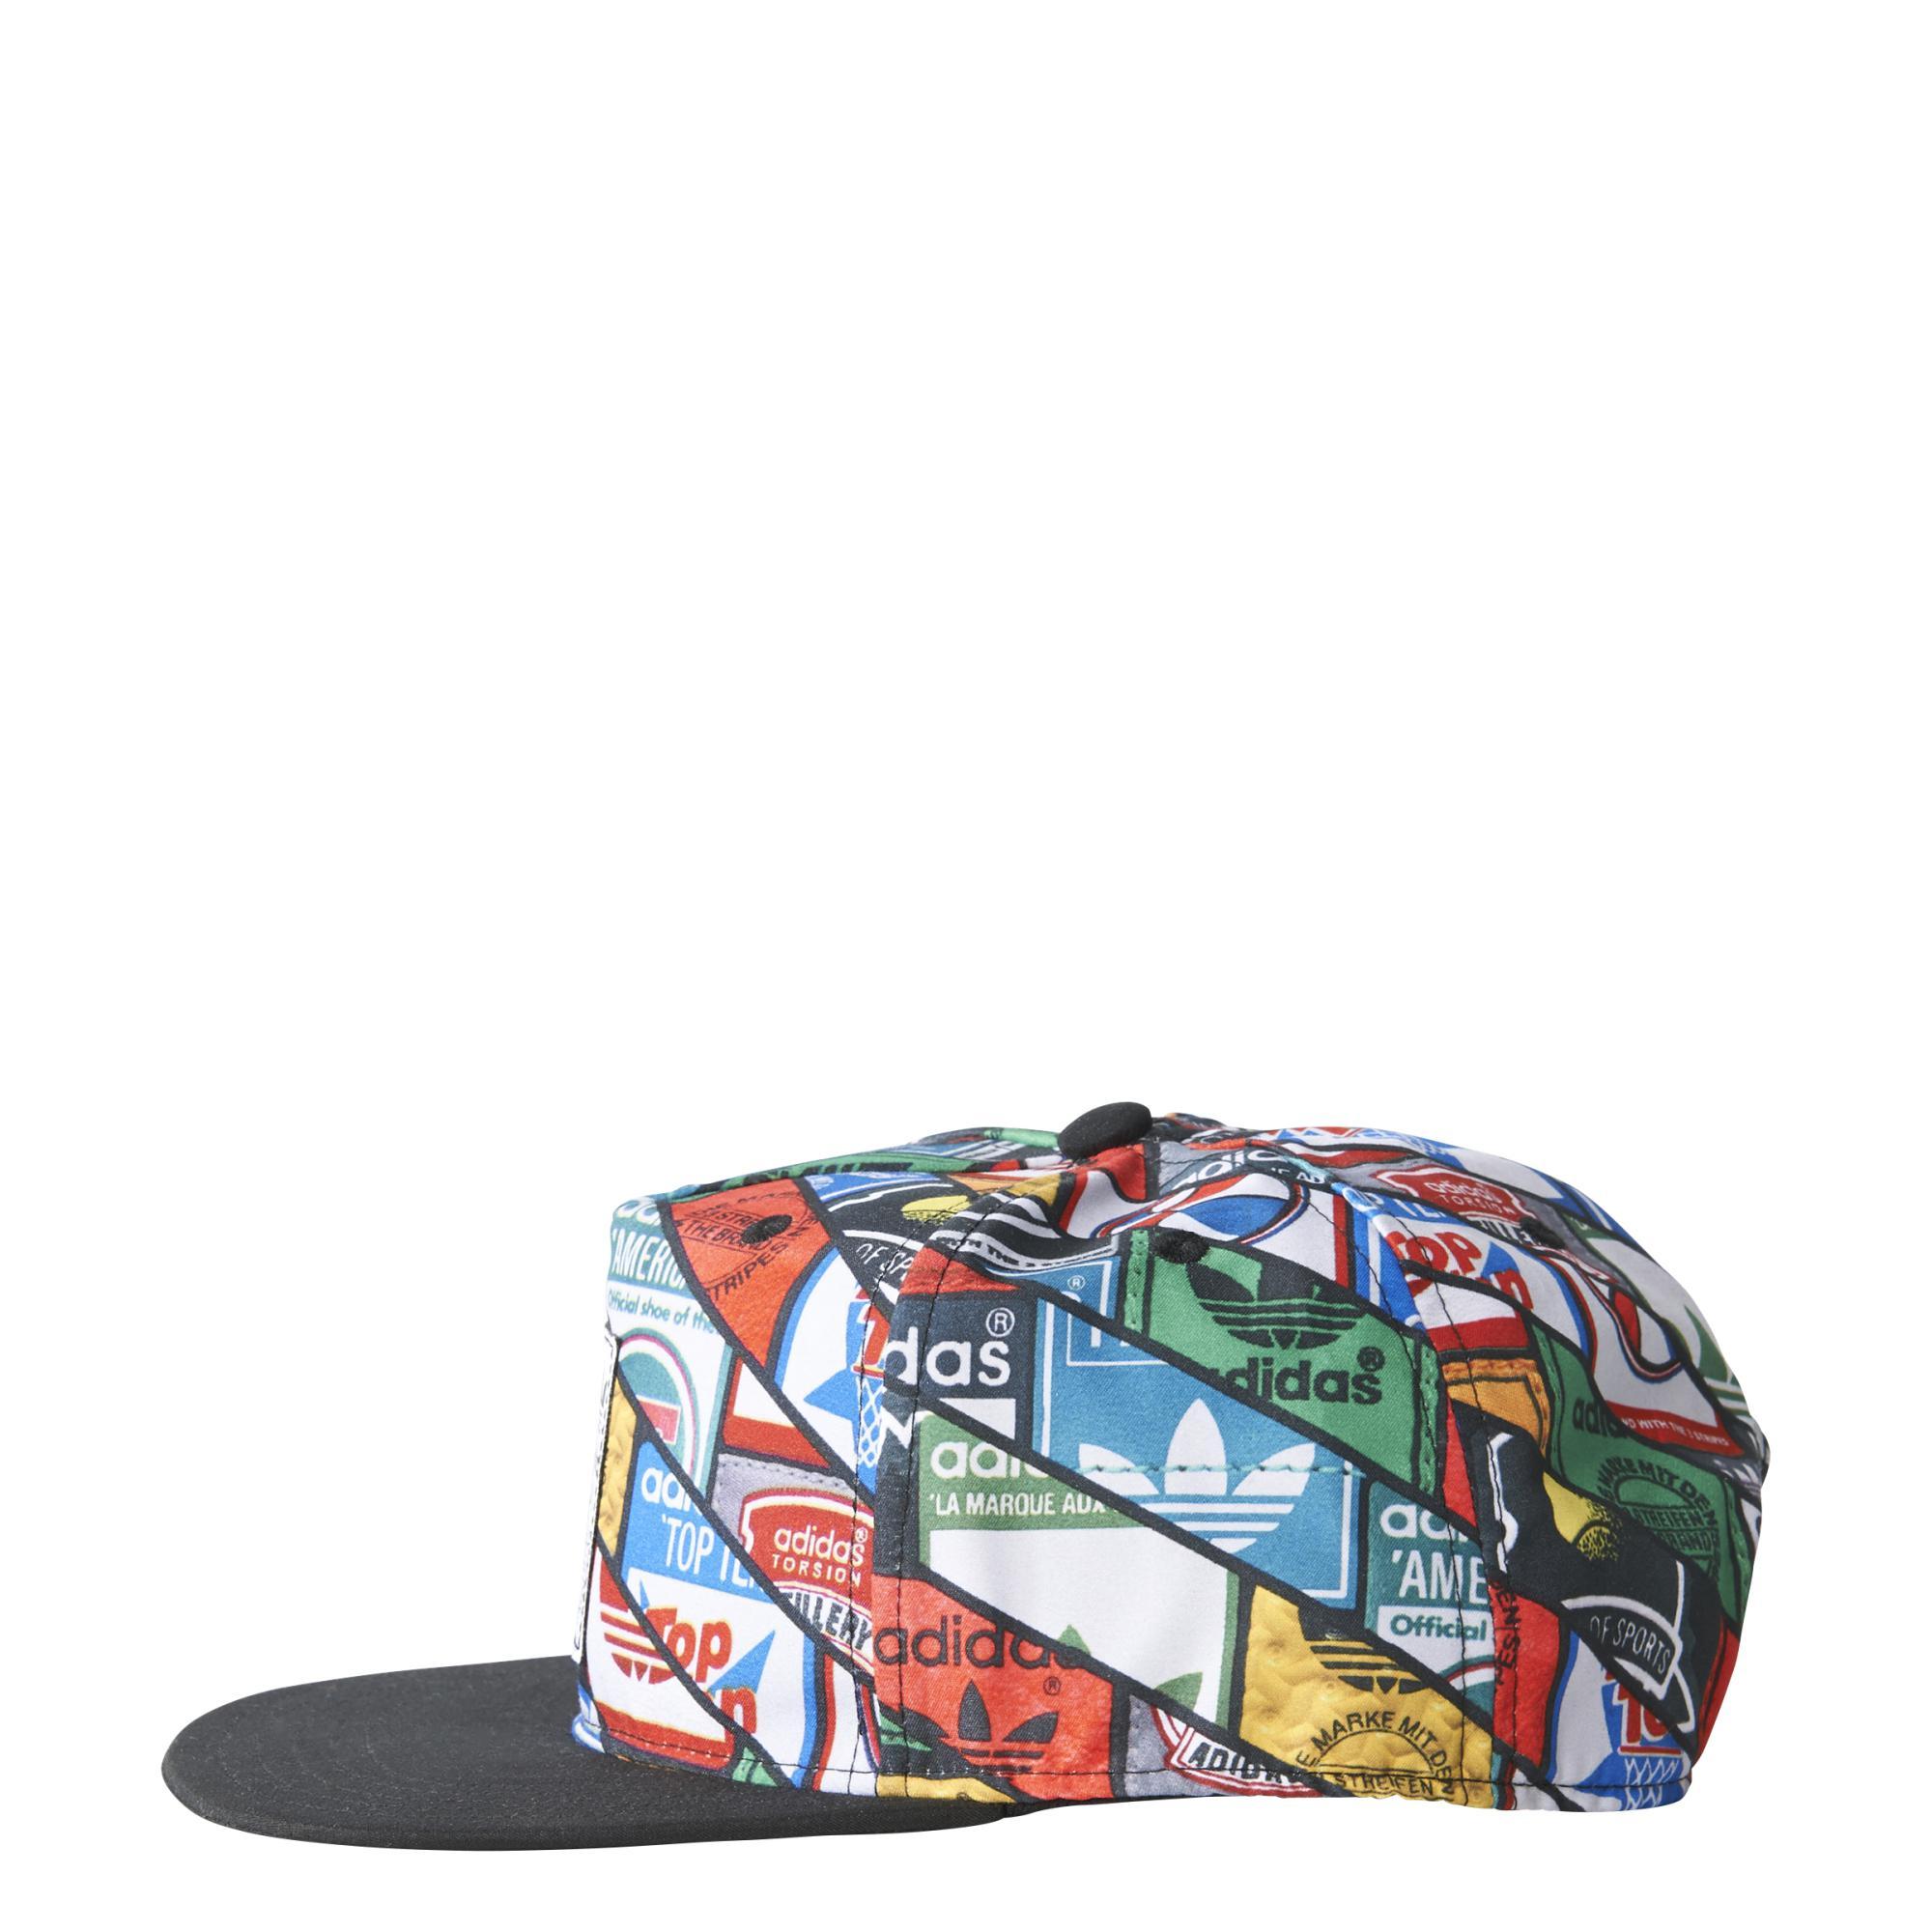 ... Adidas Originals Gorra Graphic Tongue Labels Snap-Back (negro multicolor) 878531b944a